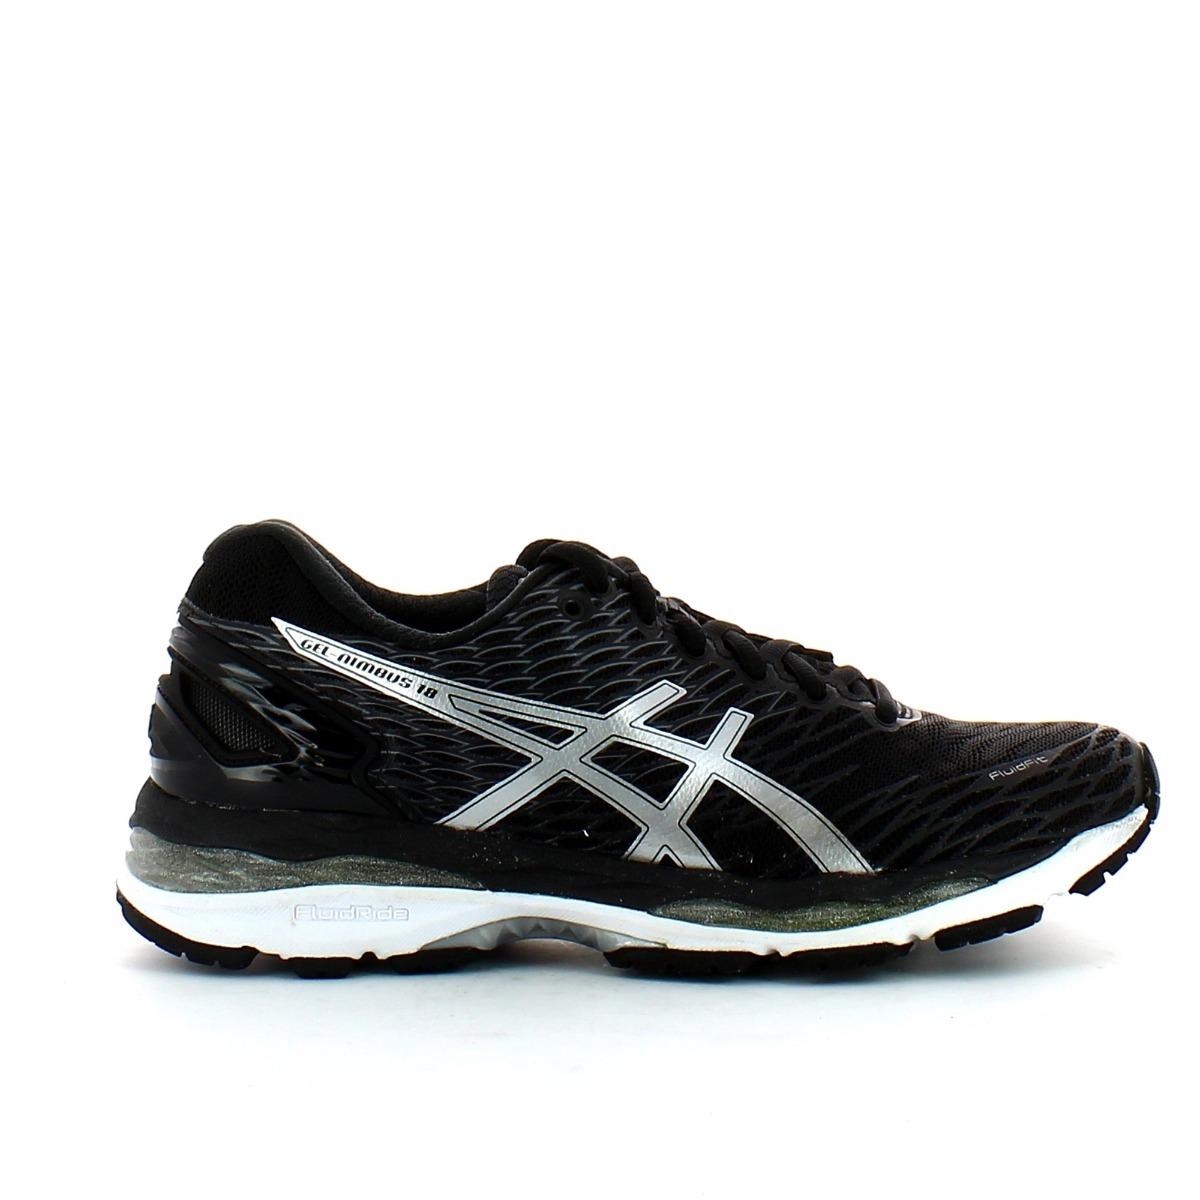 94a7ce8fff3b1 tenis asics gel nimbus 18 correr running training kayano. Cargando zoom.